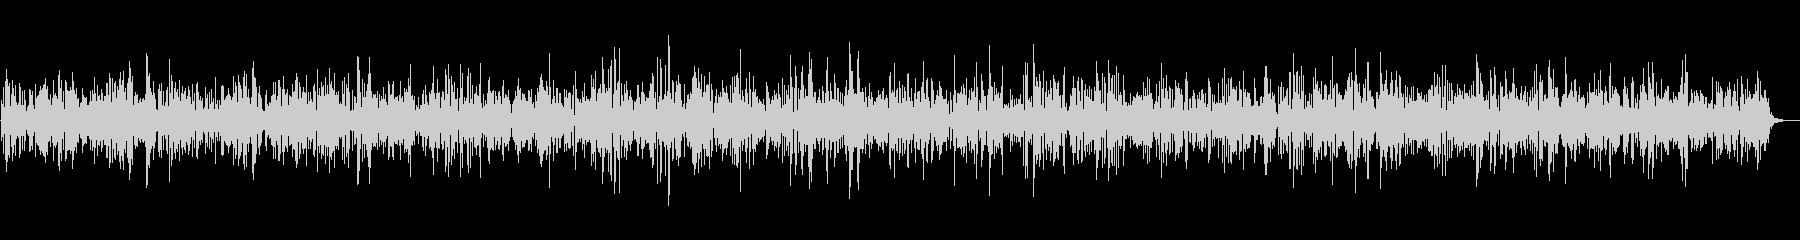 ピアノ|ラウンジ・バーで聴く癒しJAZZの未再生の波形